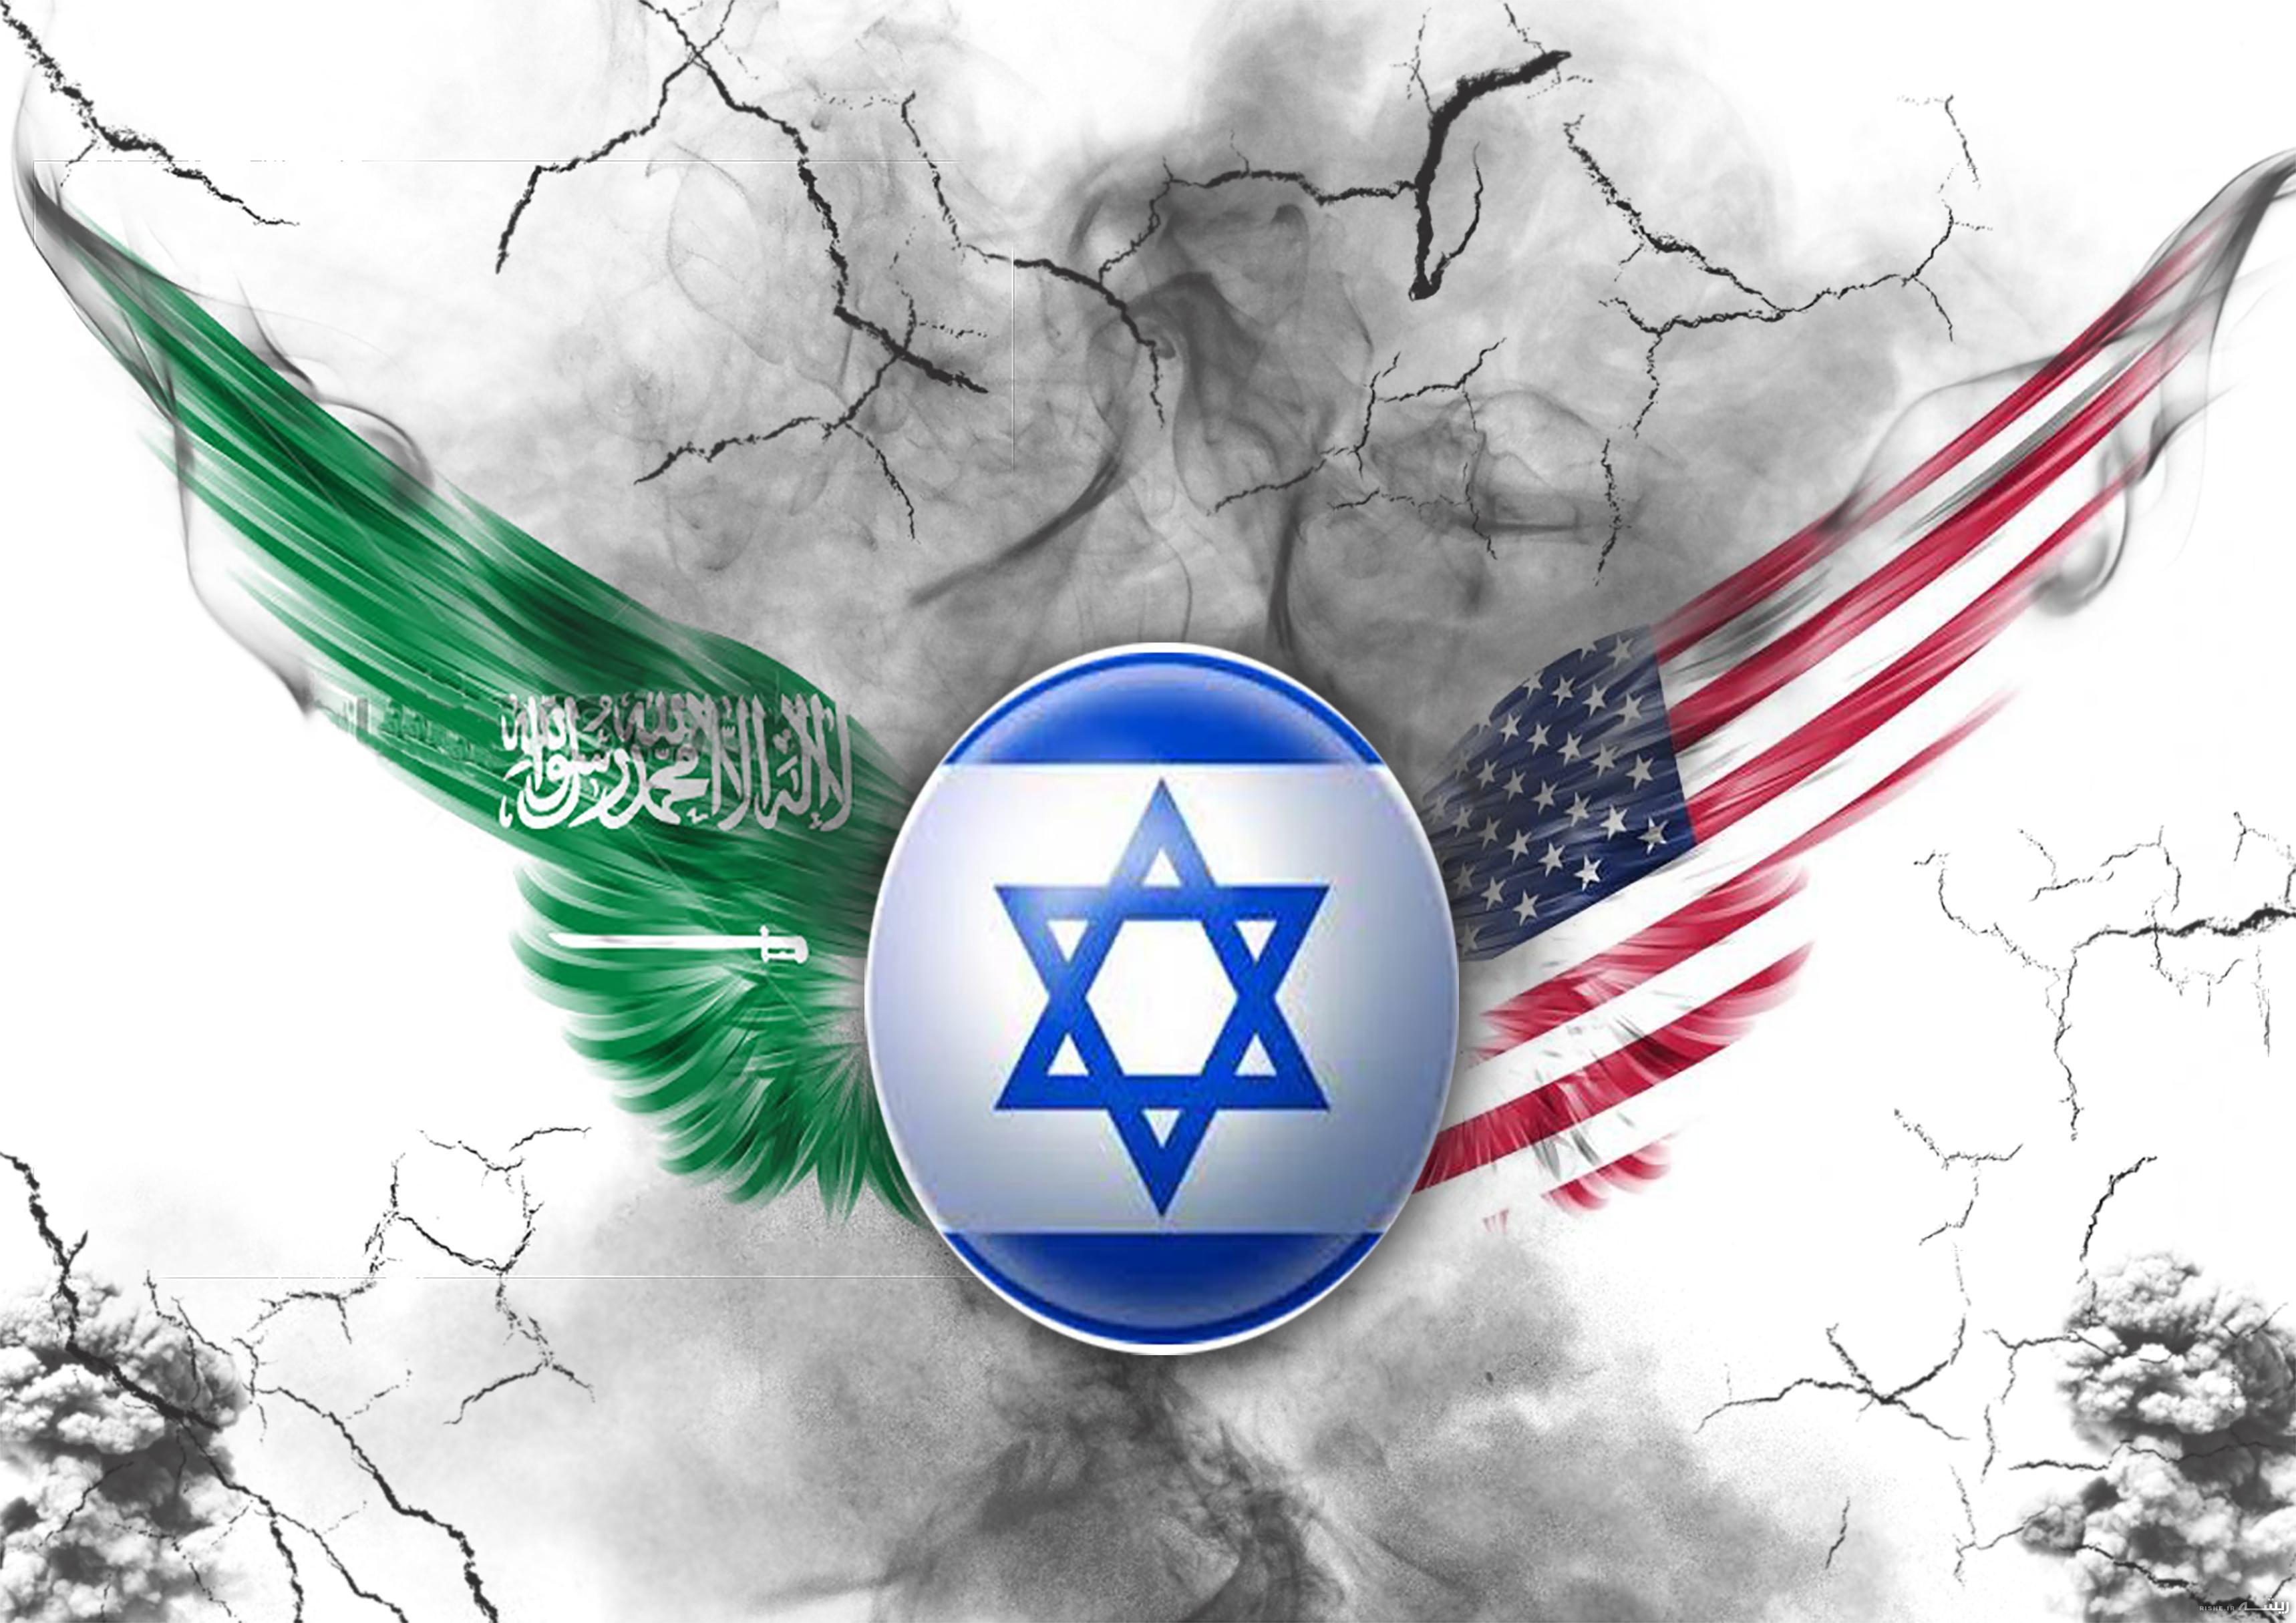 خنجر از پشت آمریکا بر پیکره آلسعود، اتفاقی که به زودی خواهد افتاد